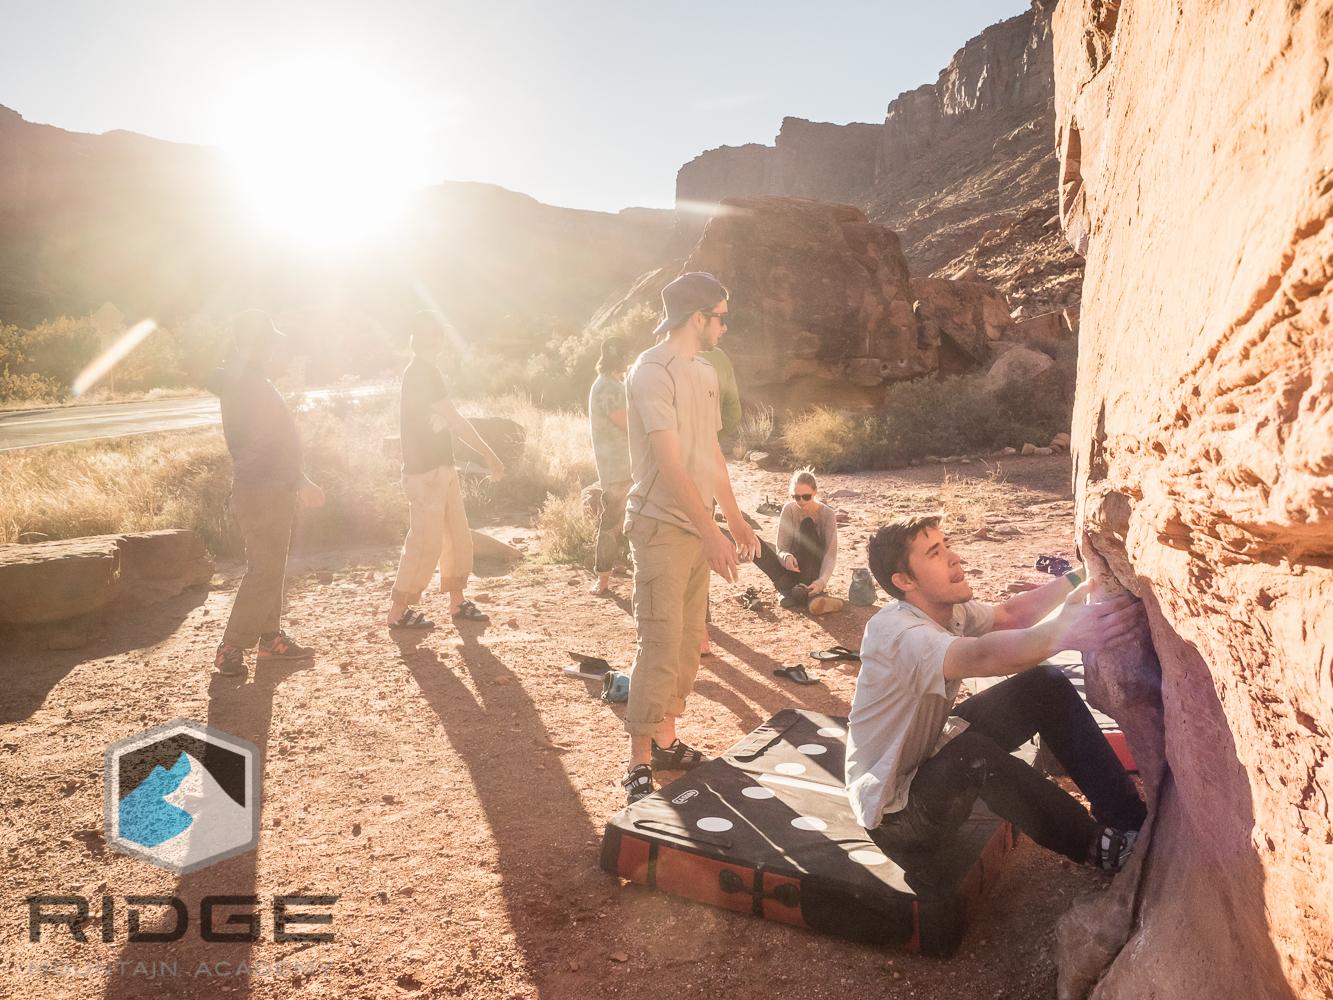 RIDGE in Moab, fall 2015-35.JPG